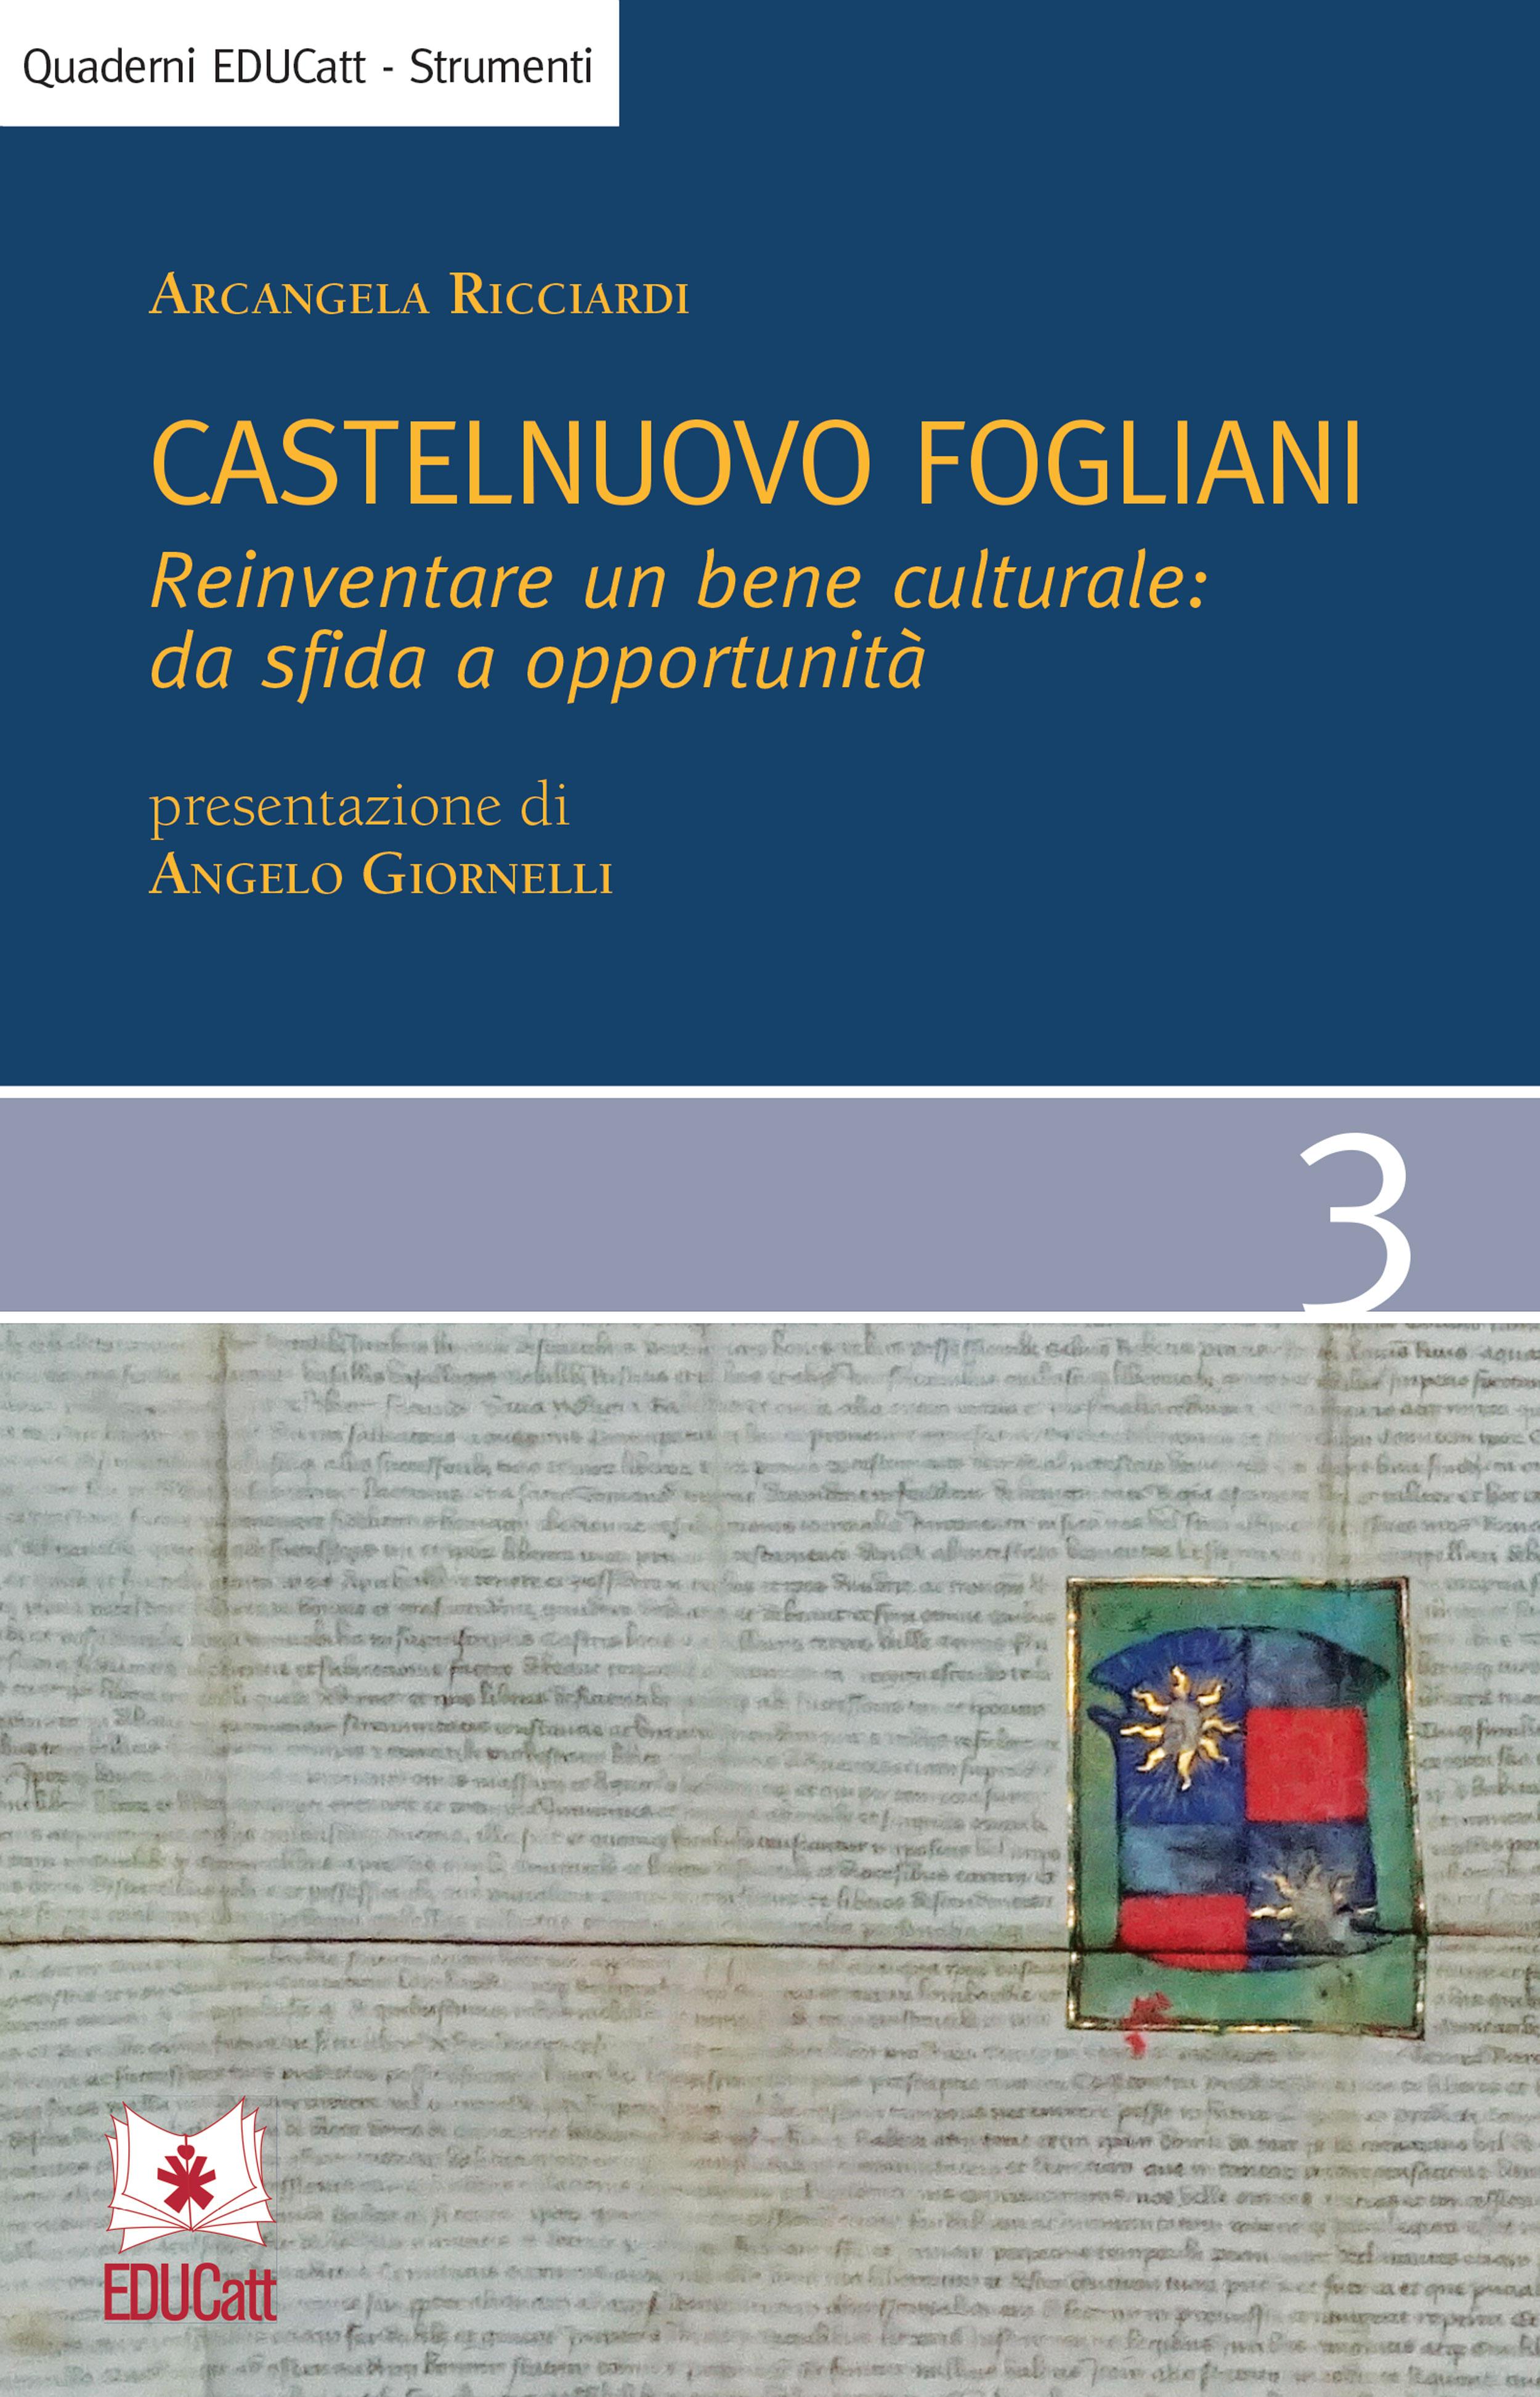 CASTELNUOVO FOGLIANI. REINVENTARE UN BENE CULTURALE: DA SFIDA A OPPORTUNITÀ